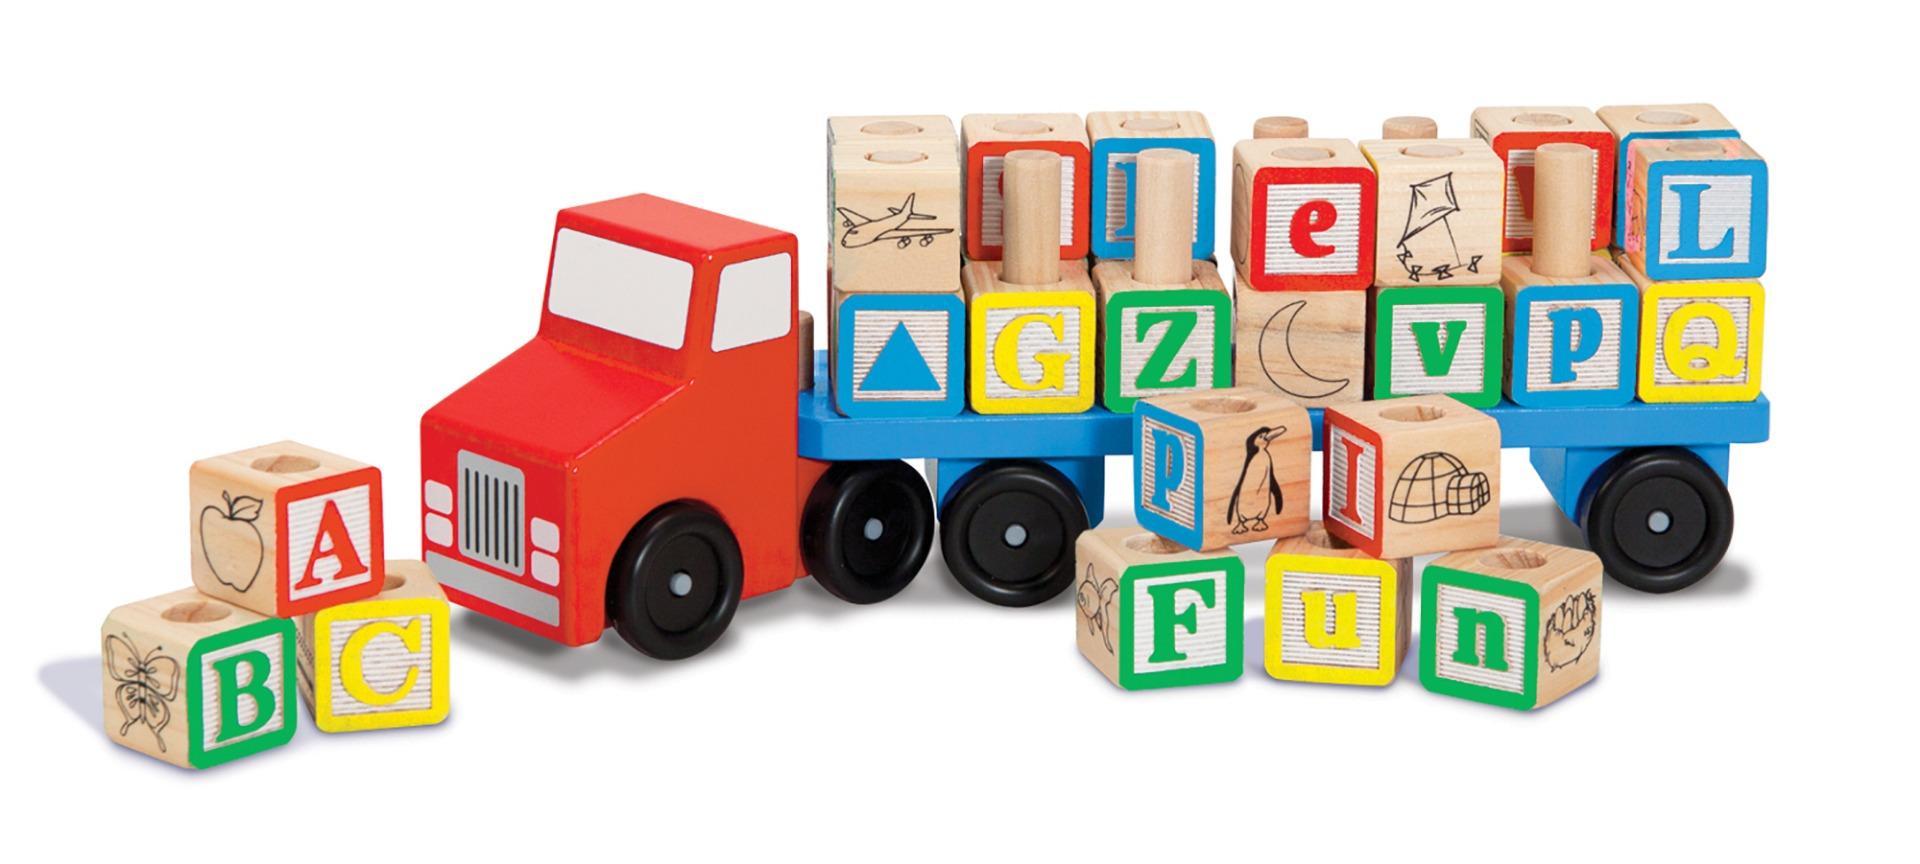 7764003ad18 → Legetøj til 2-4 årige børn - Find det hos Legeakademiet ←